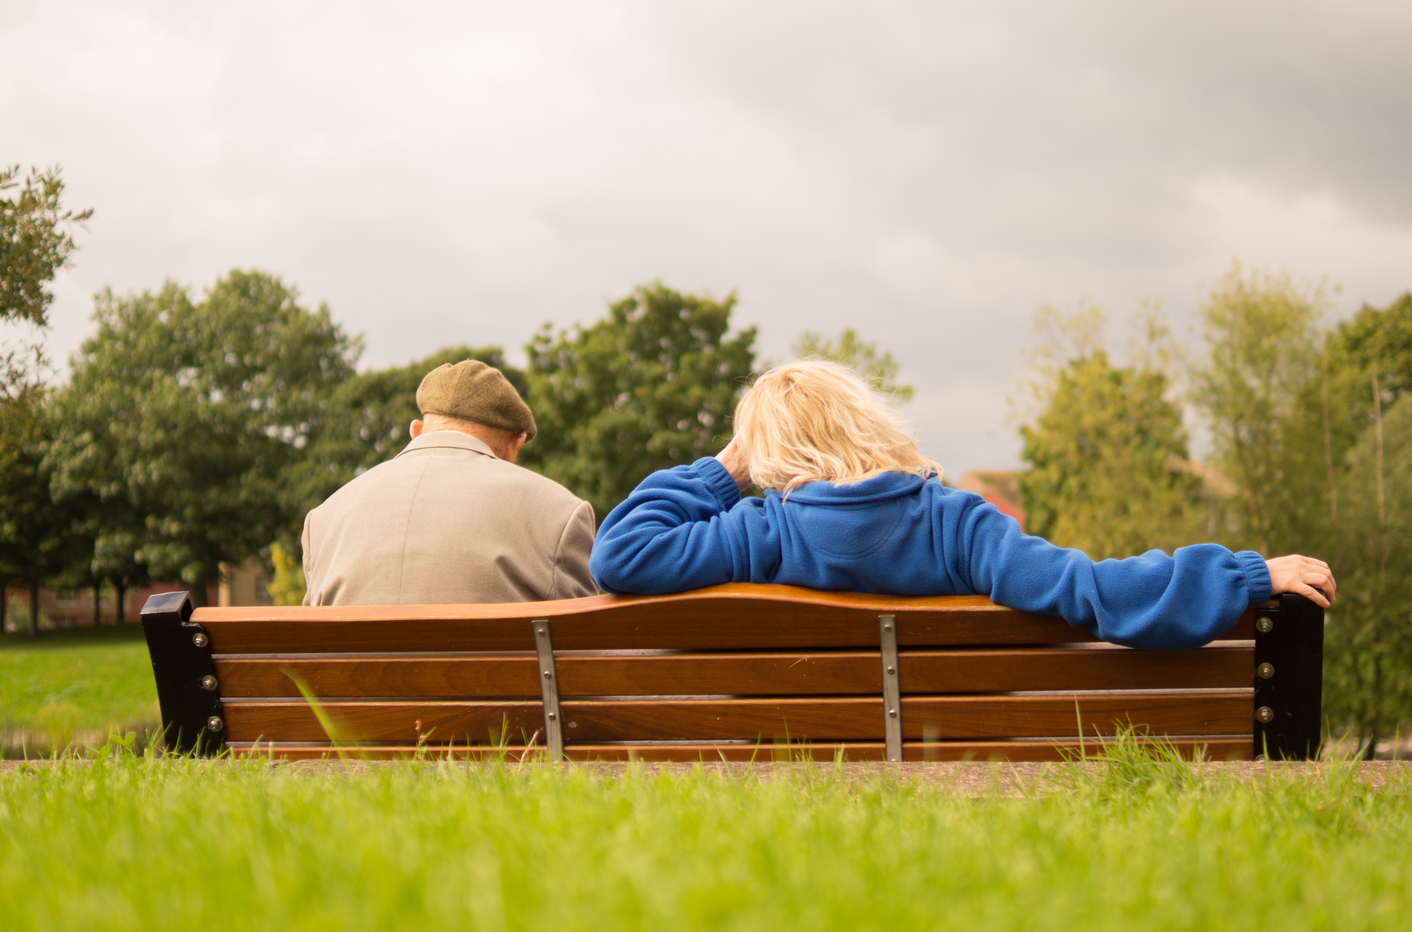 Przedsiębiorcom może wydawać się, że osoby starsze nie są wymarzonym docelowym odbiorcą danych produktów czy usług. To jednak nie do końca prawda. (fot. domena publiczna)